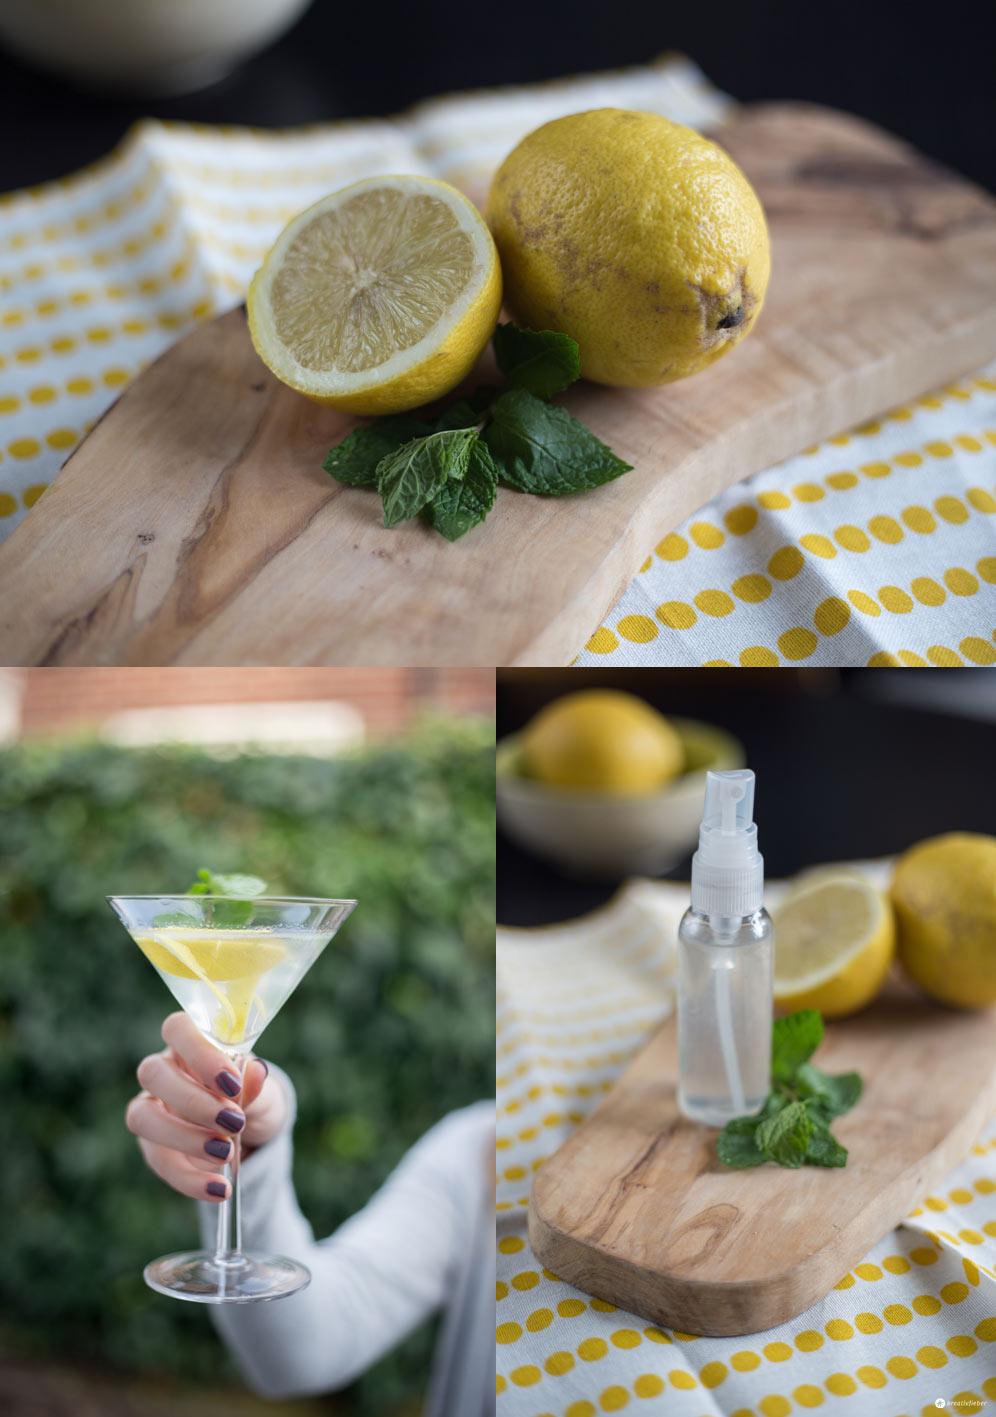 Skinfood im Test - Limoncello Deo und Drink - natürliche Kosmetik aus Lebensmitteln